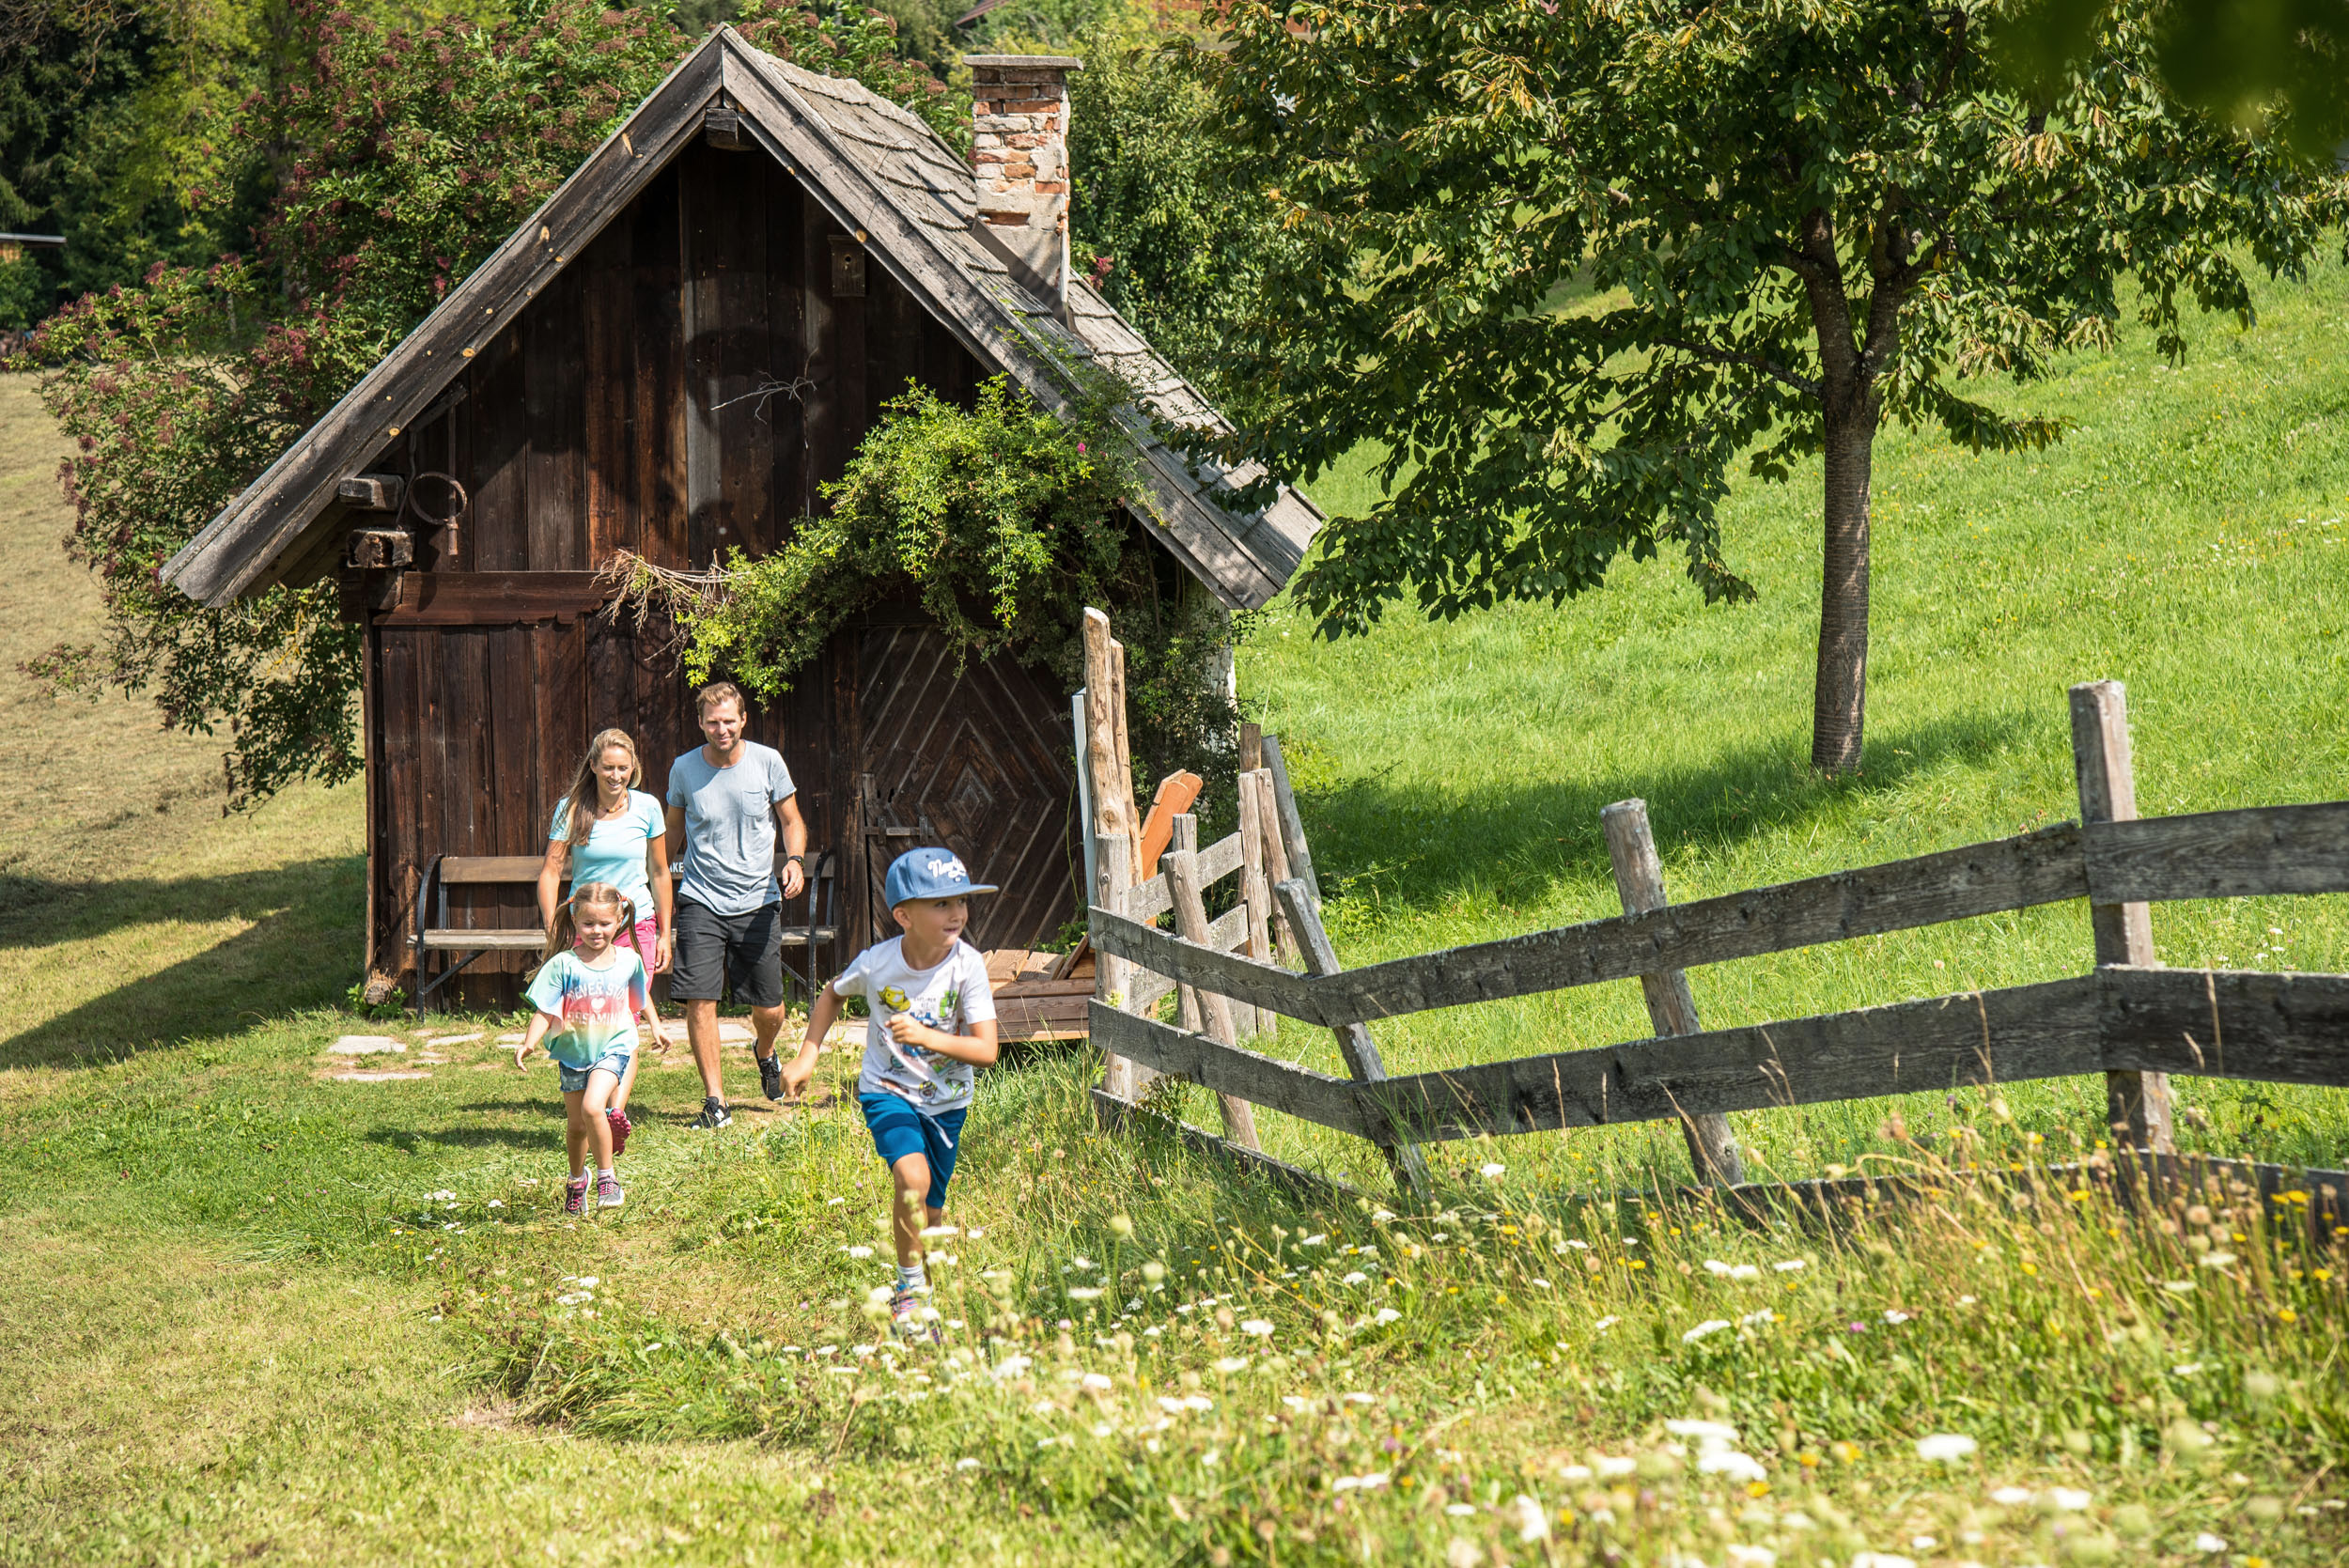 Eltern wandern mit ihren zwei Kindern über saftig grüne Wiesen in Kärnten